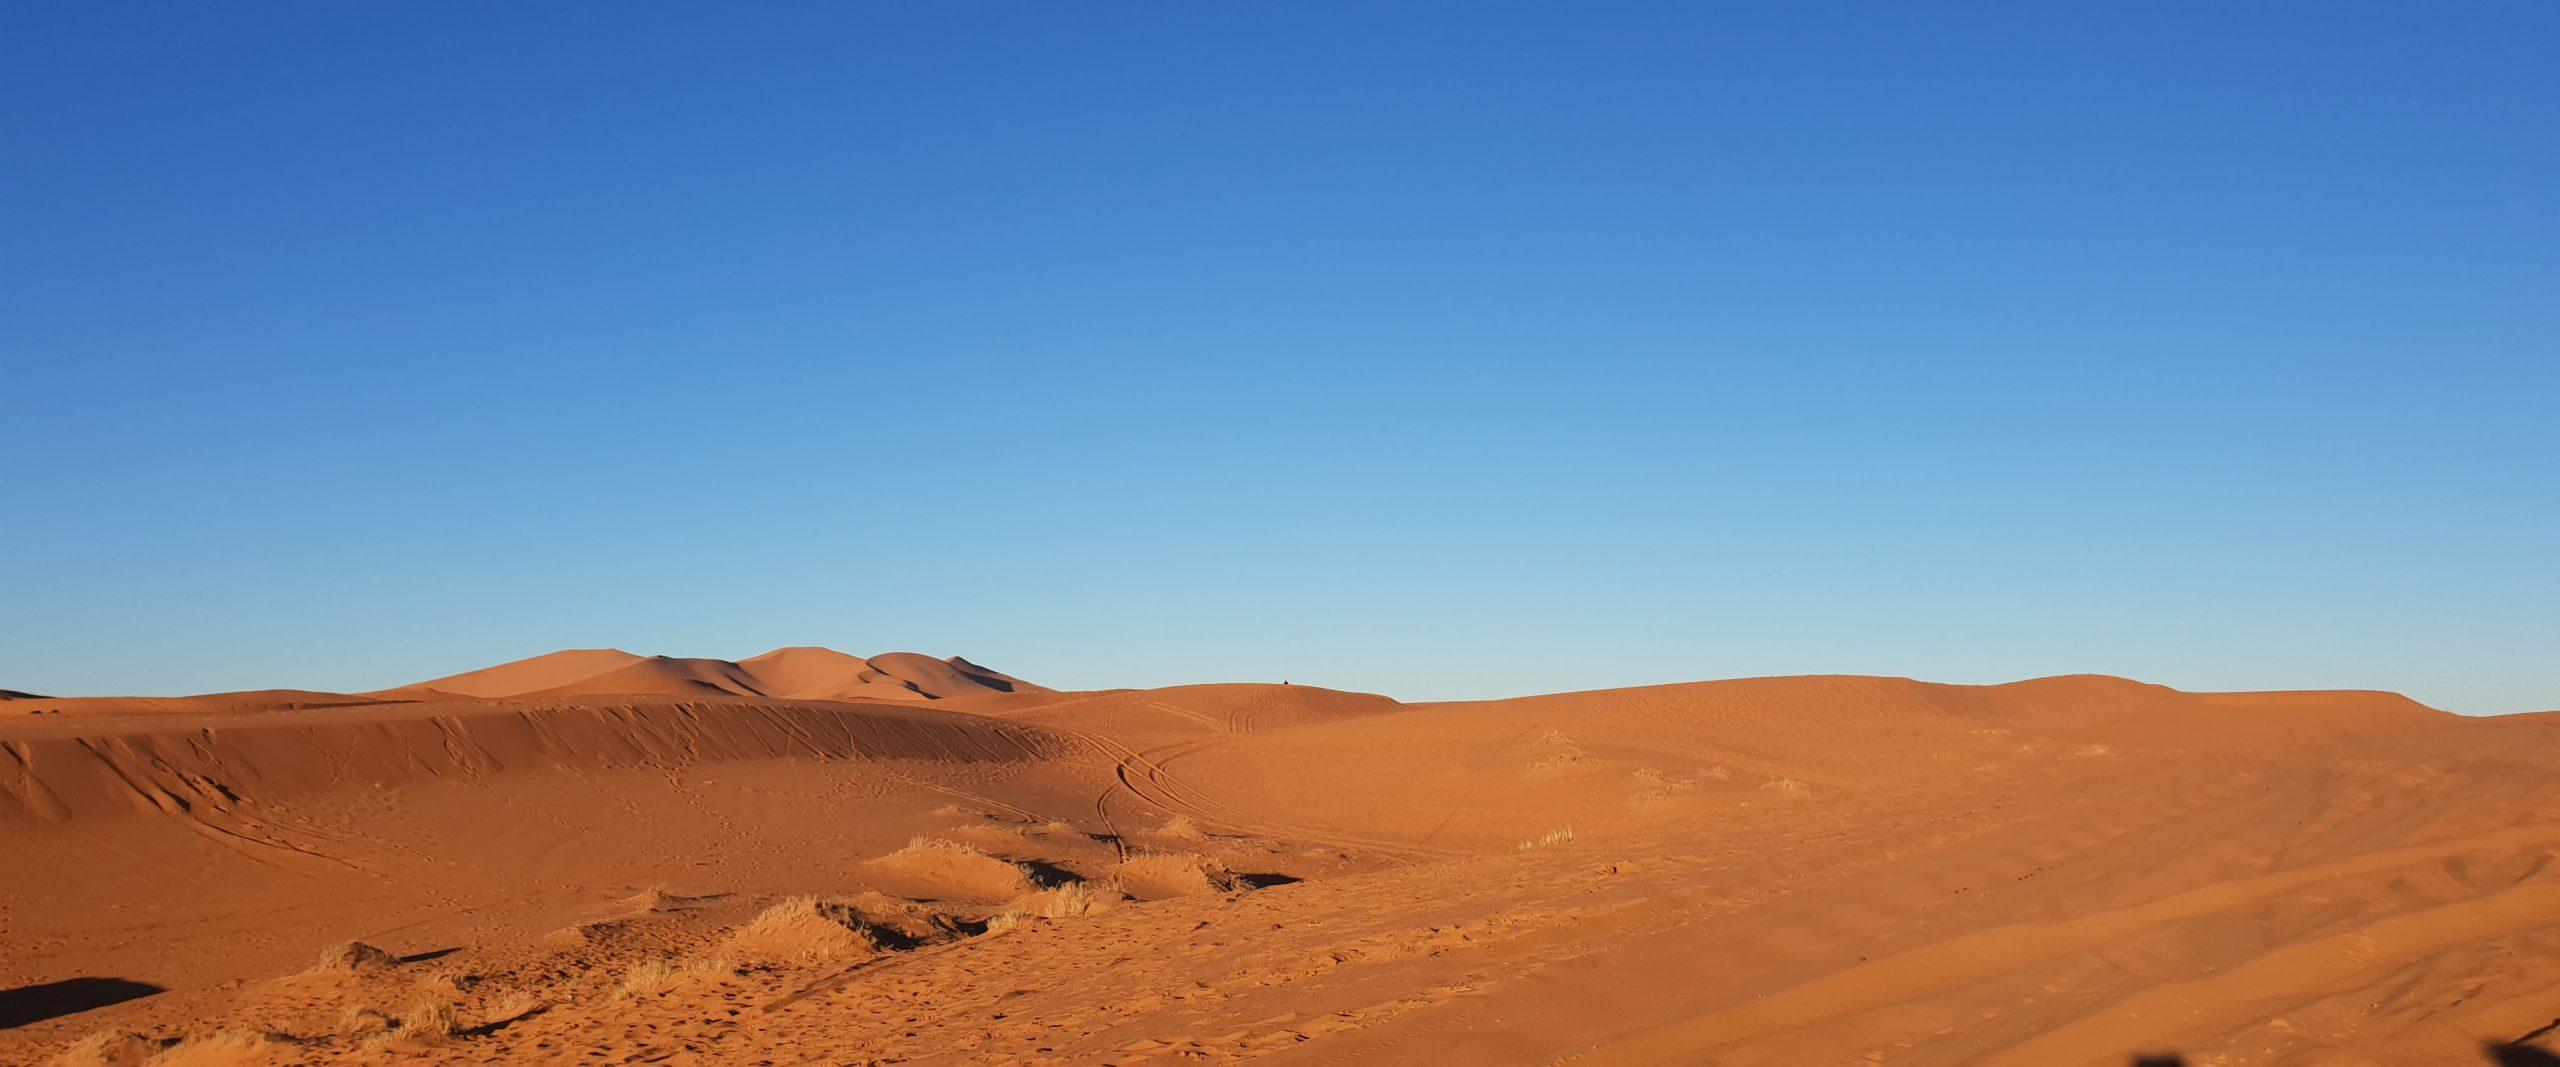 pustynia-1-scaled.jpg